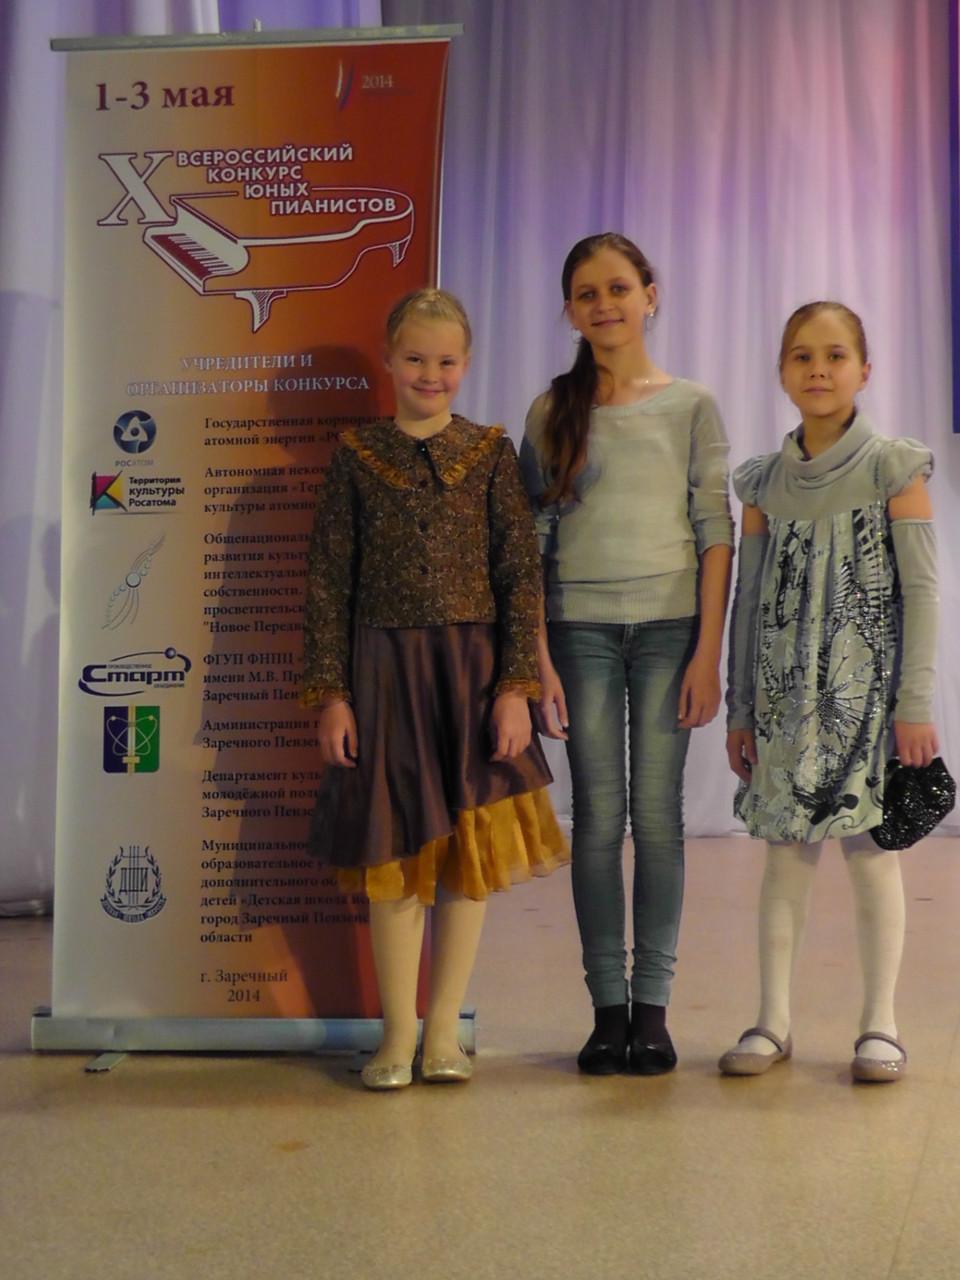 Малёва Екатерина (в центре) с участницами X Всероссийского конкурса юных пианистов